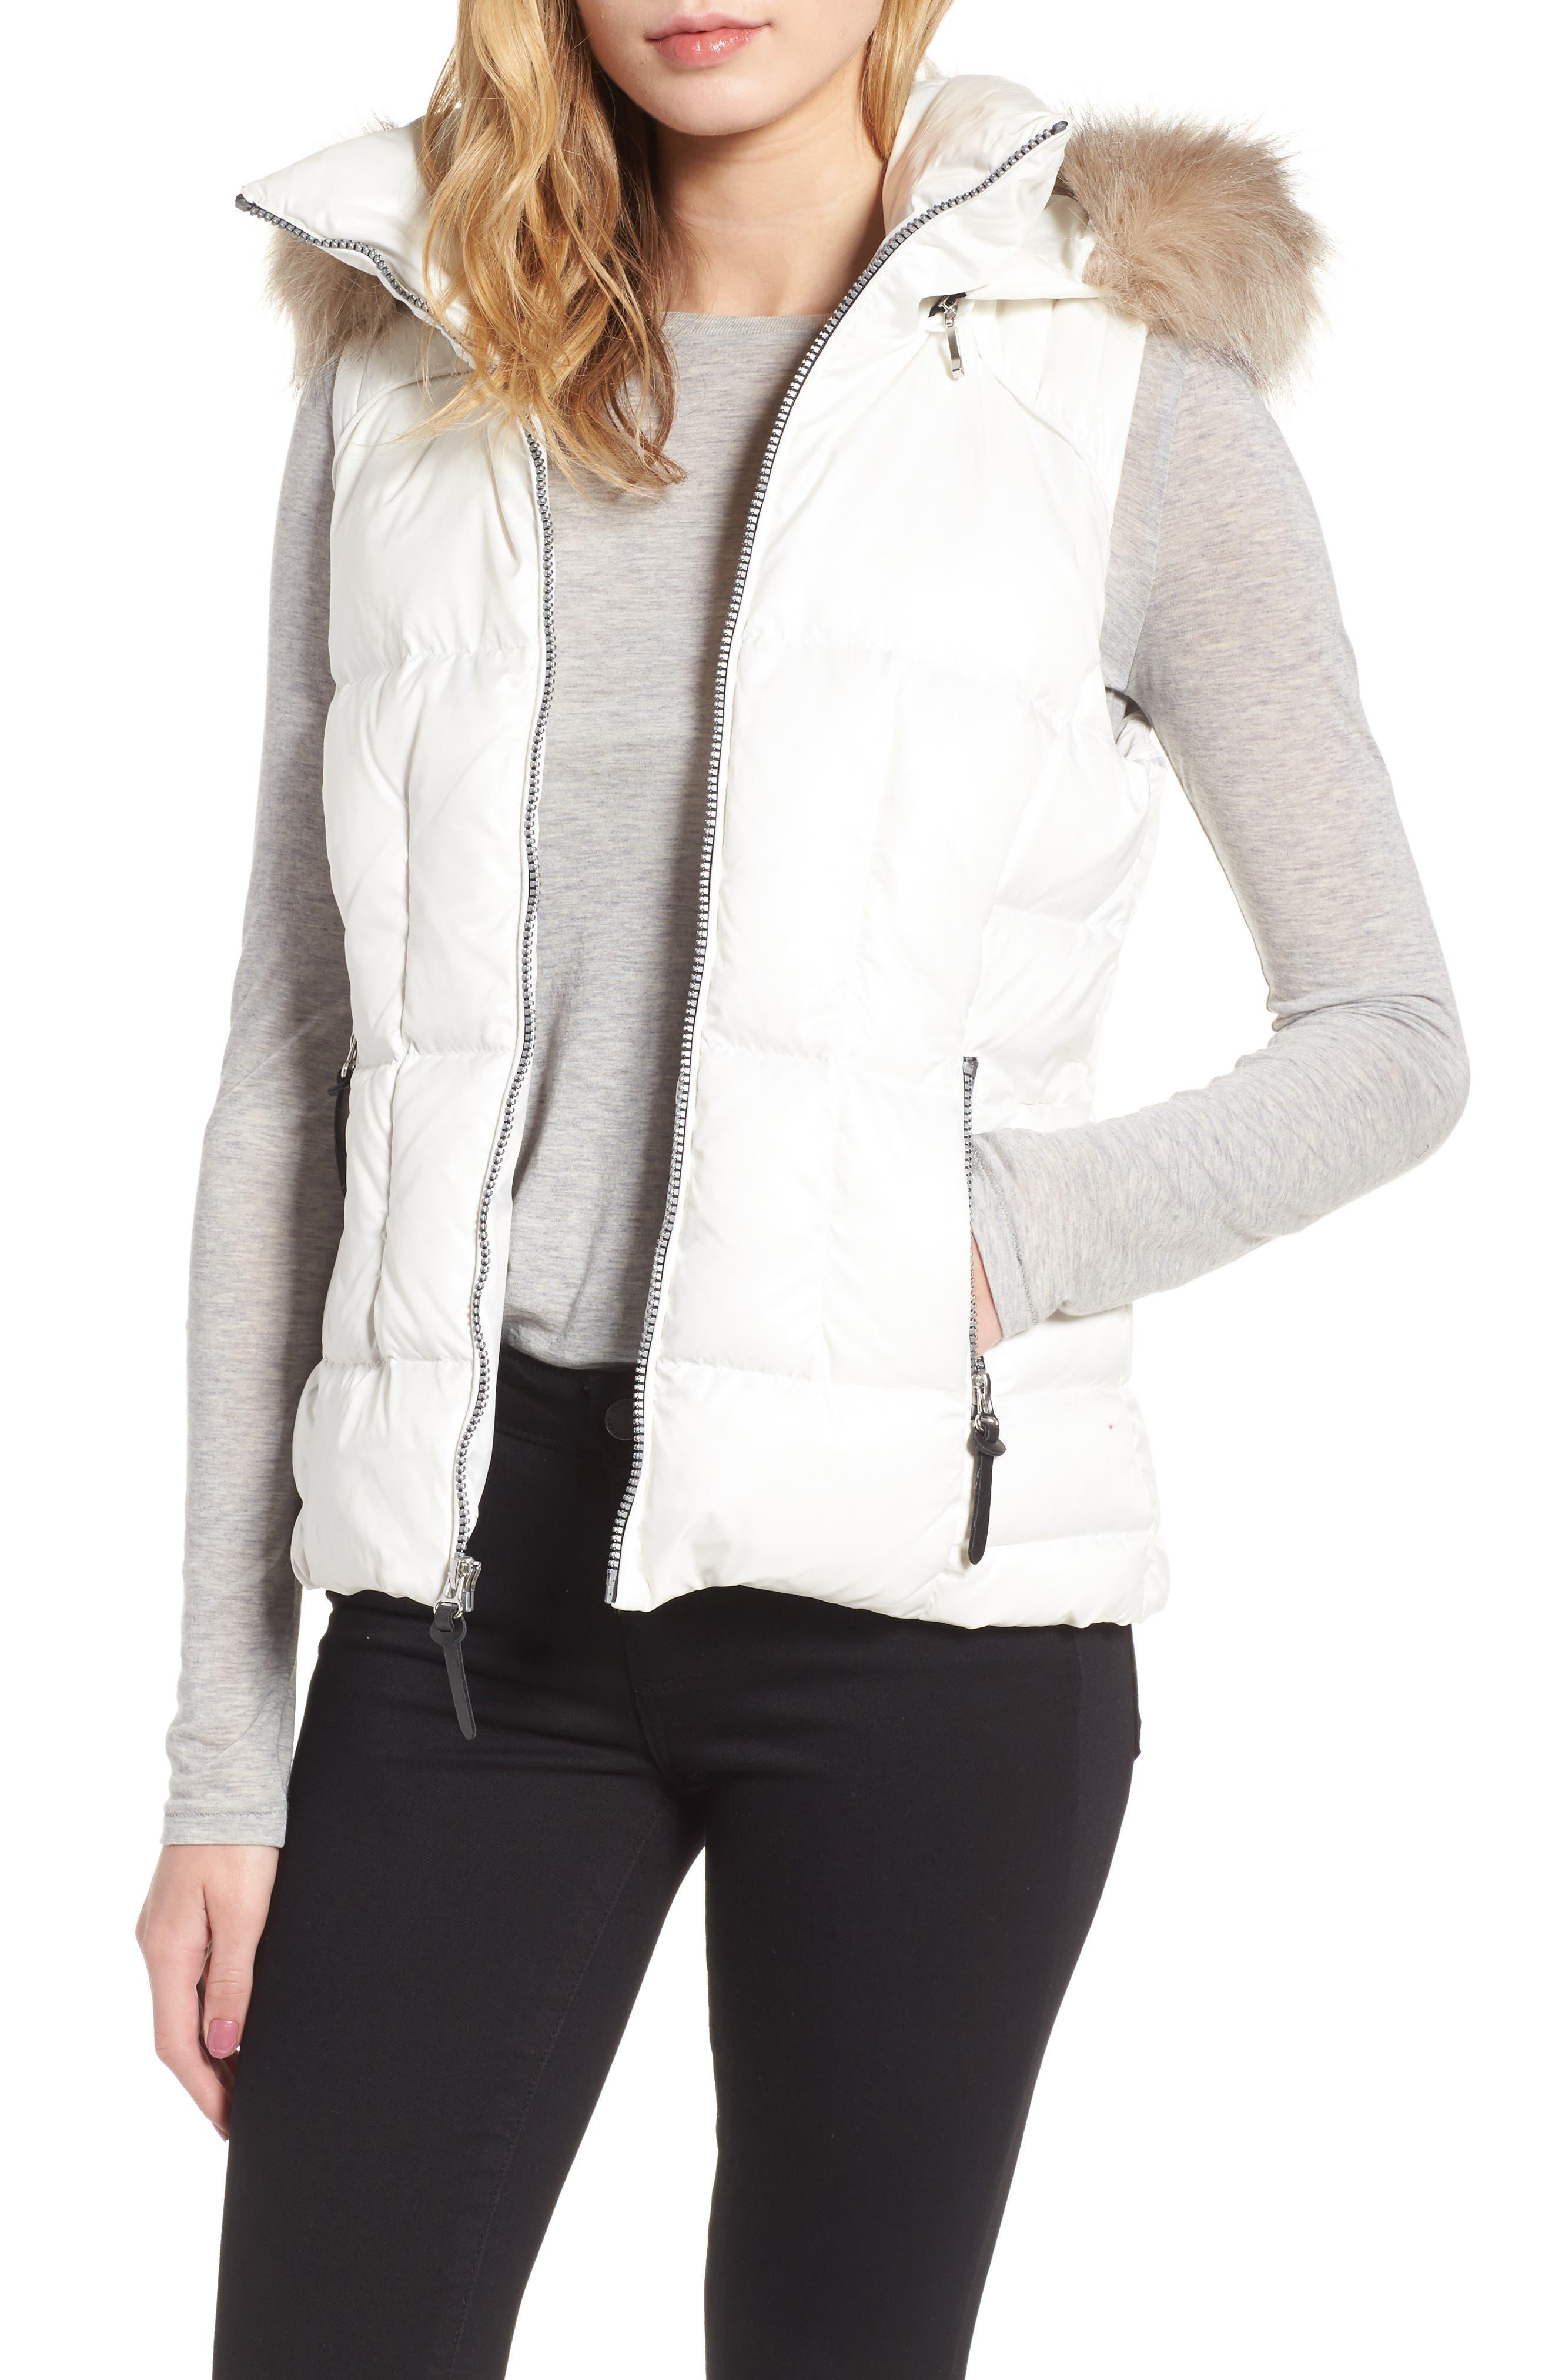 Lanie Puffer Vest with Faux Fur,                         Main,                         color, 100